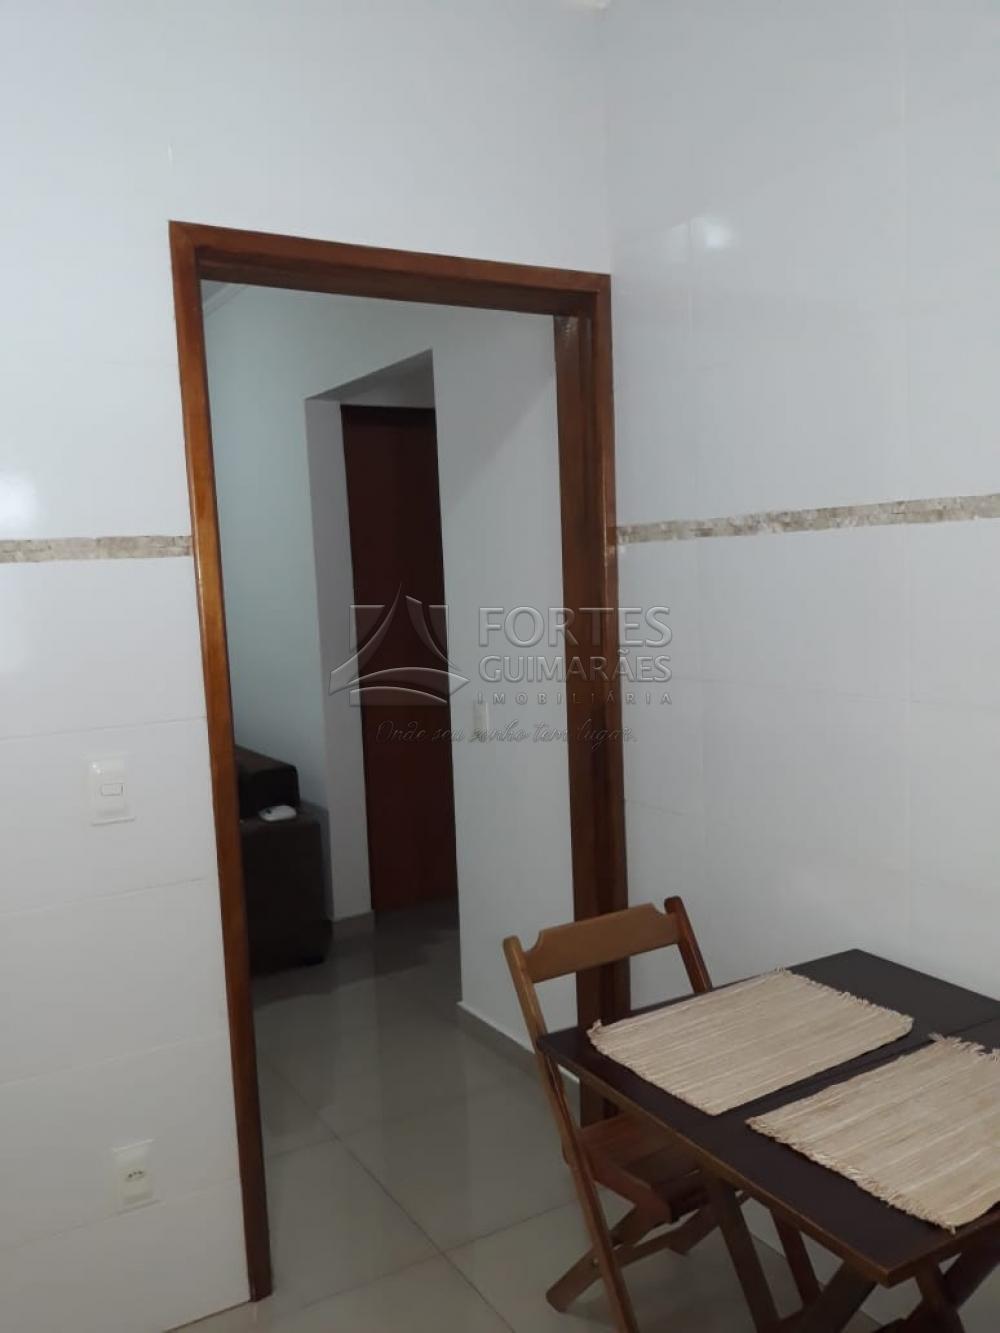 Alugar Casas / Padrão em Ribeirão Preto apenas R$ 1.200,00 - Foto 37